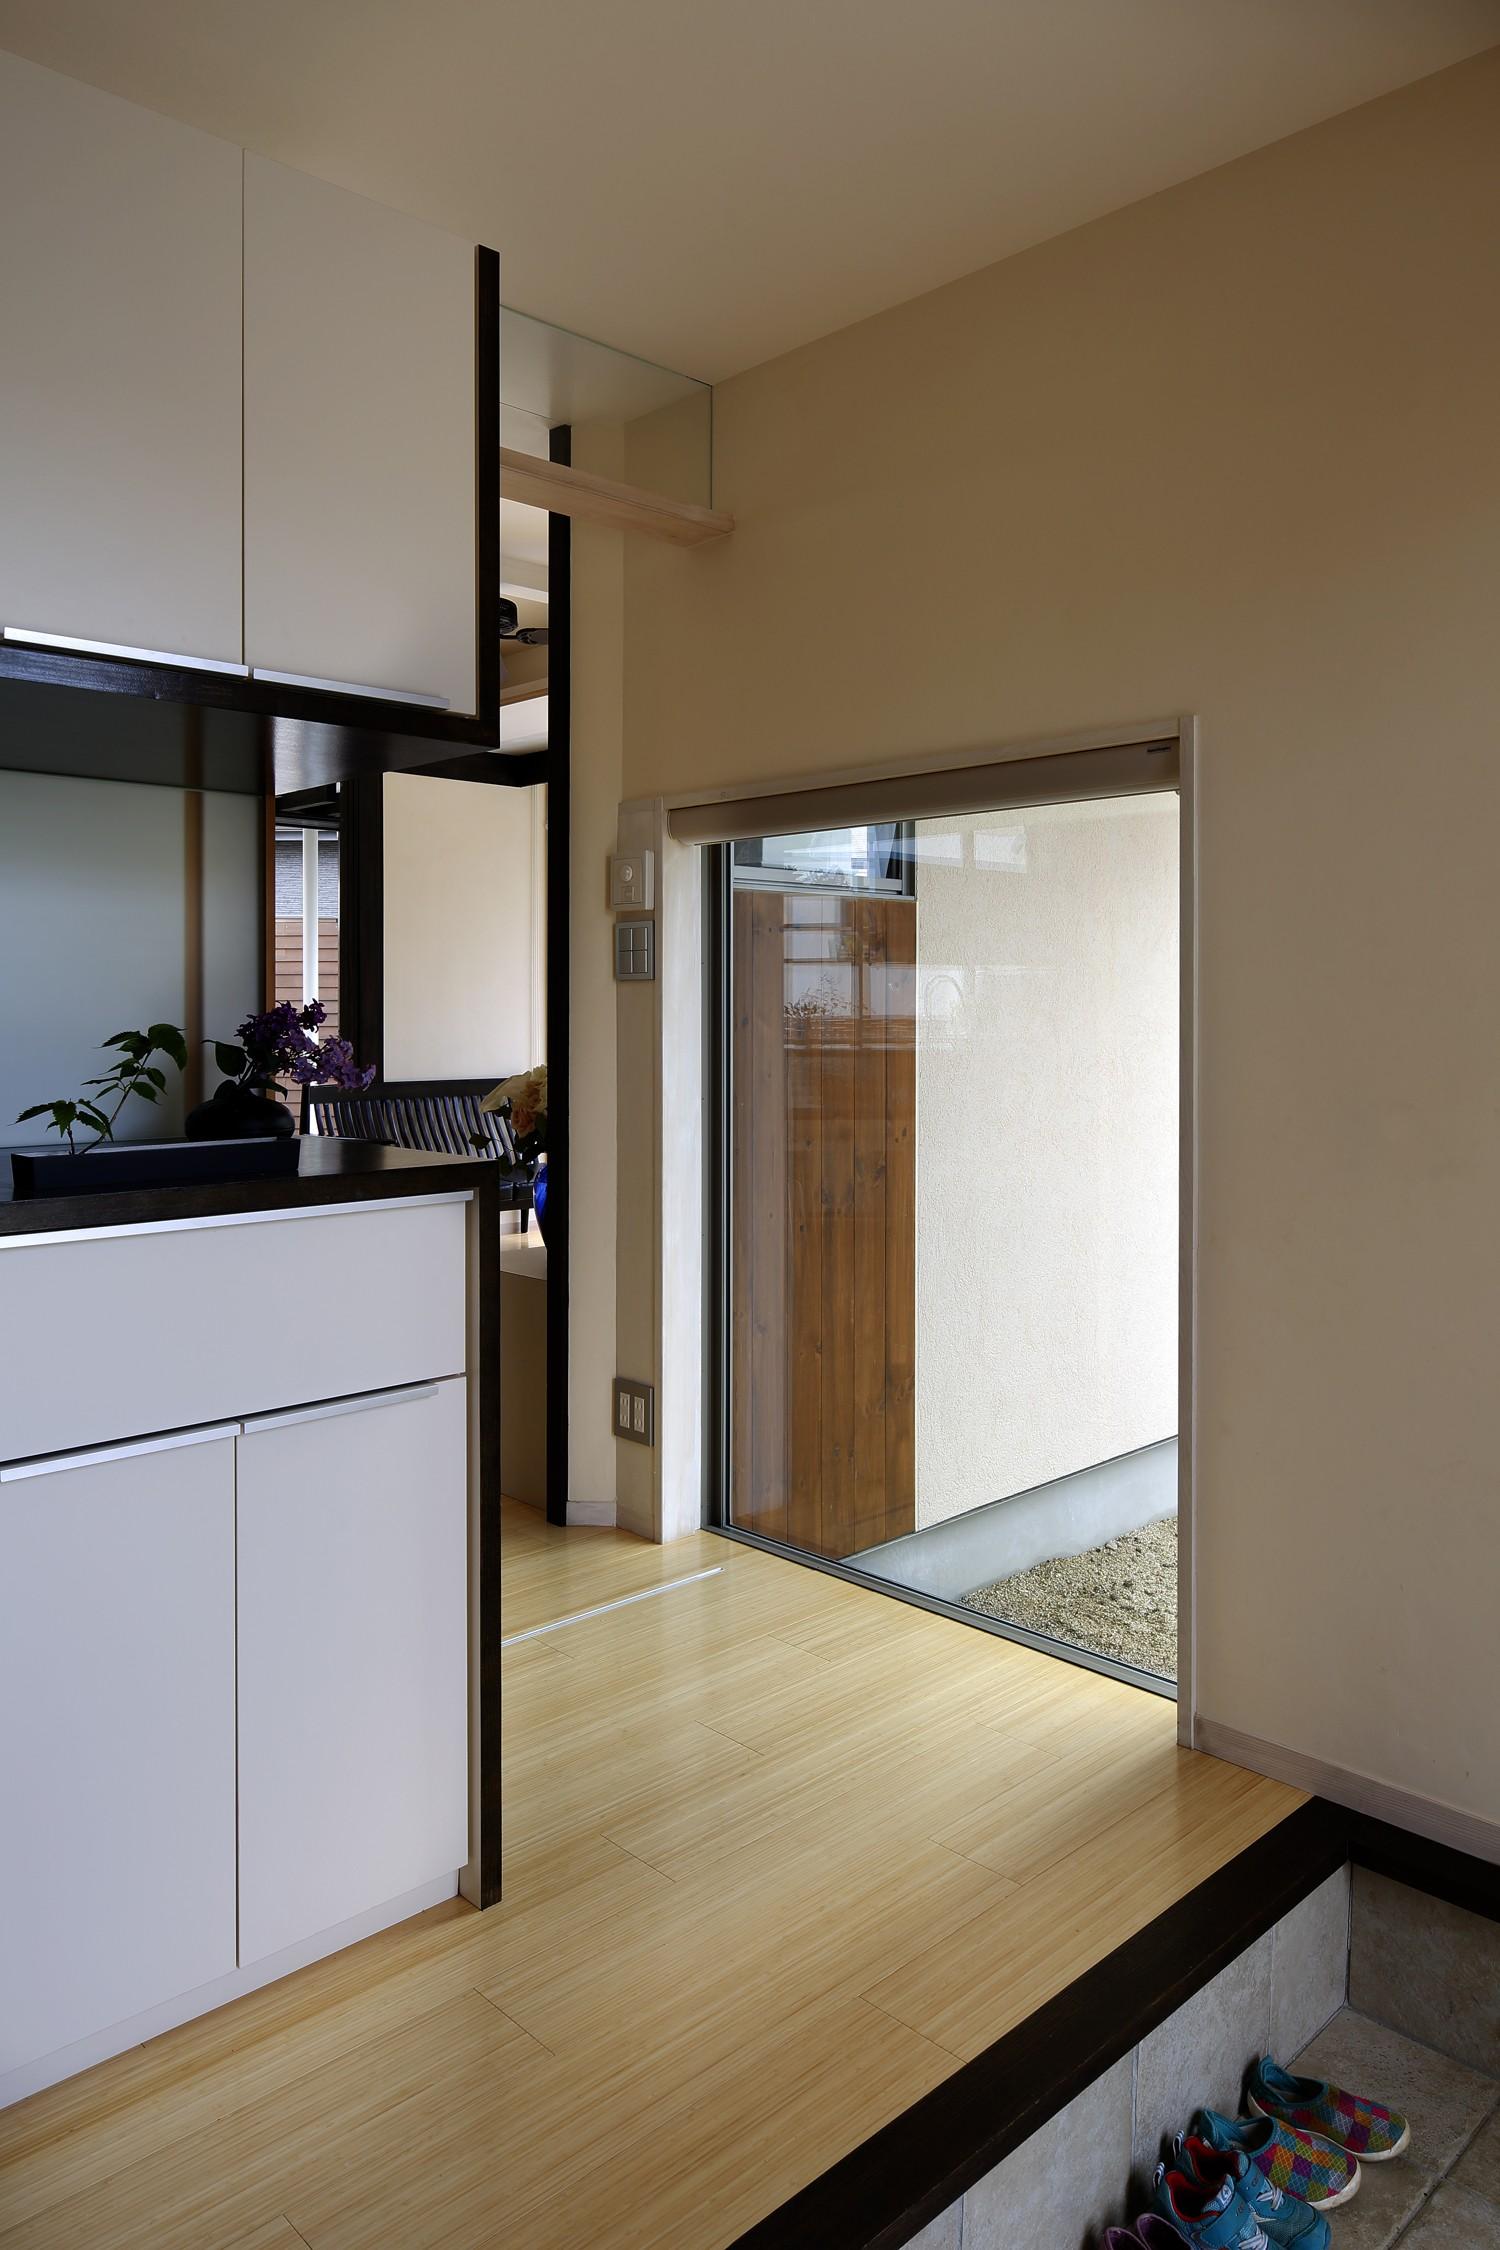 玄関事例:玄関周り03(【帰ったらまず、手洗い、うがい】ドクターの家づくり計画に学ぶ)